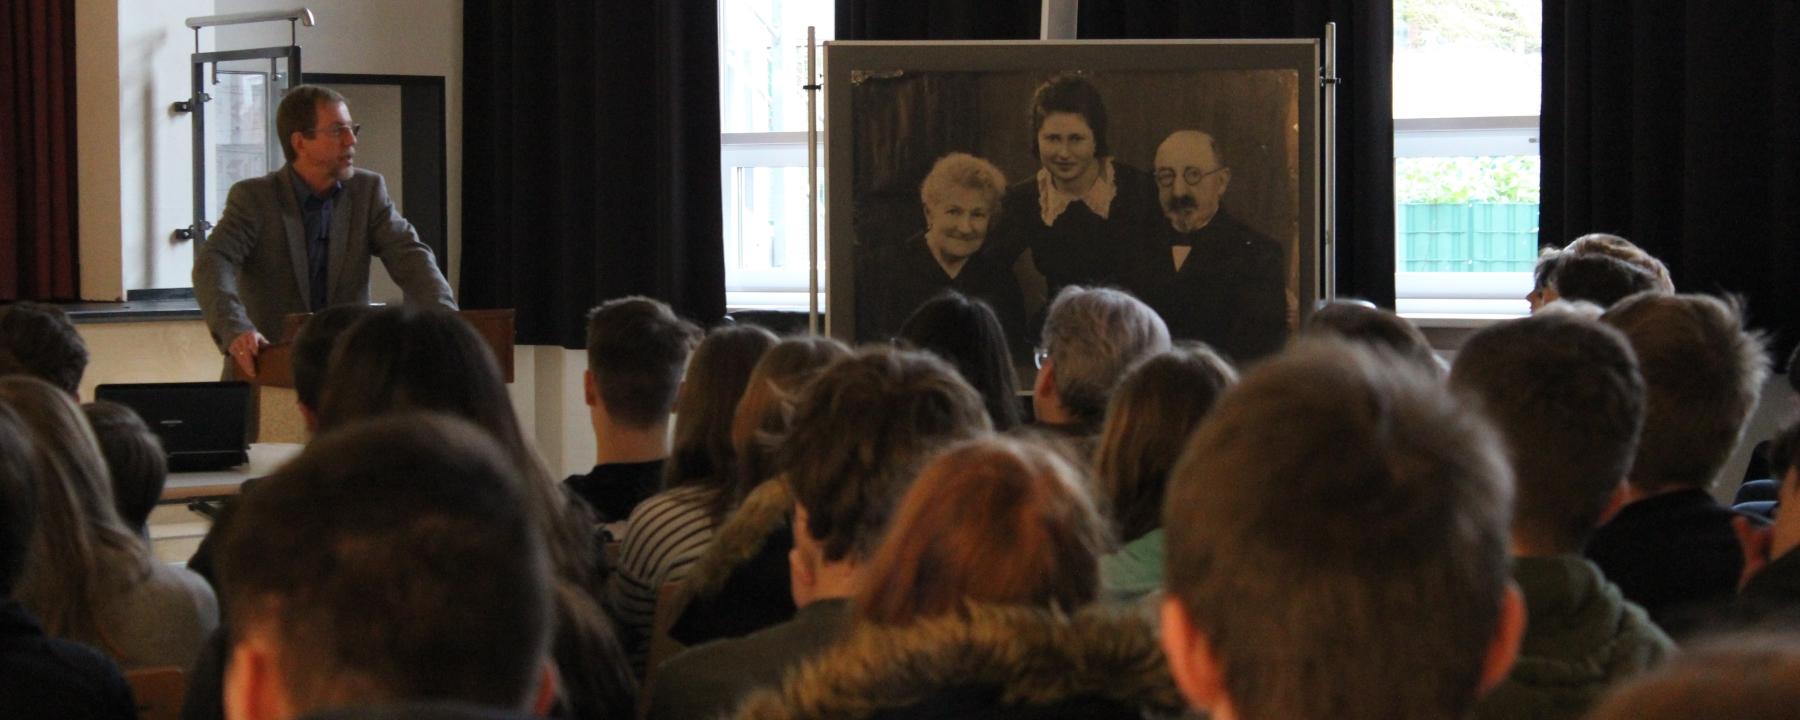 Gedenken An Den Holocaust: Vortrag Von Dr. Werner Meiners